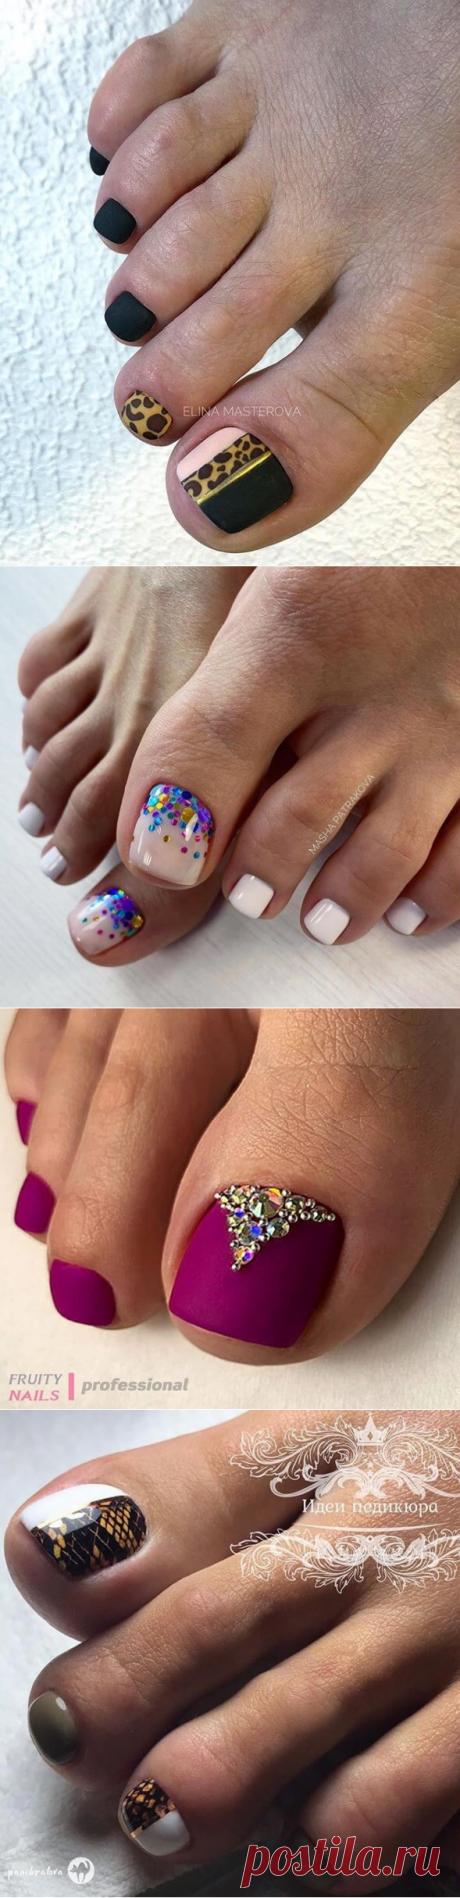 Модный педикюр 2020 года: тенденции и 40 новинок дизайна ногтей